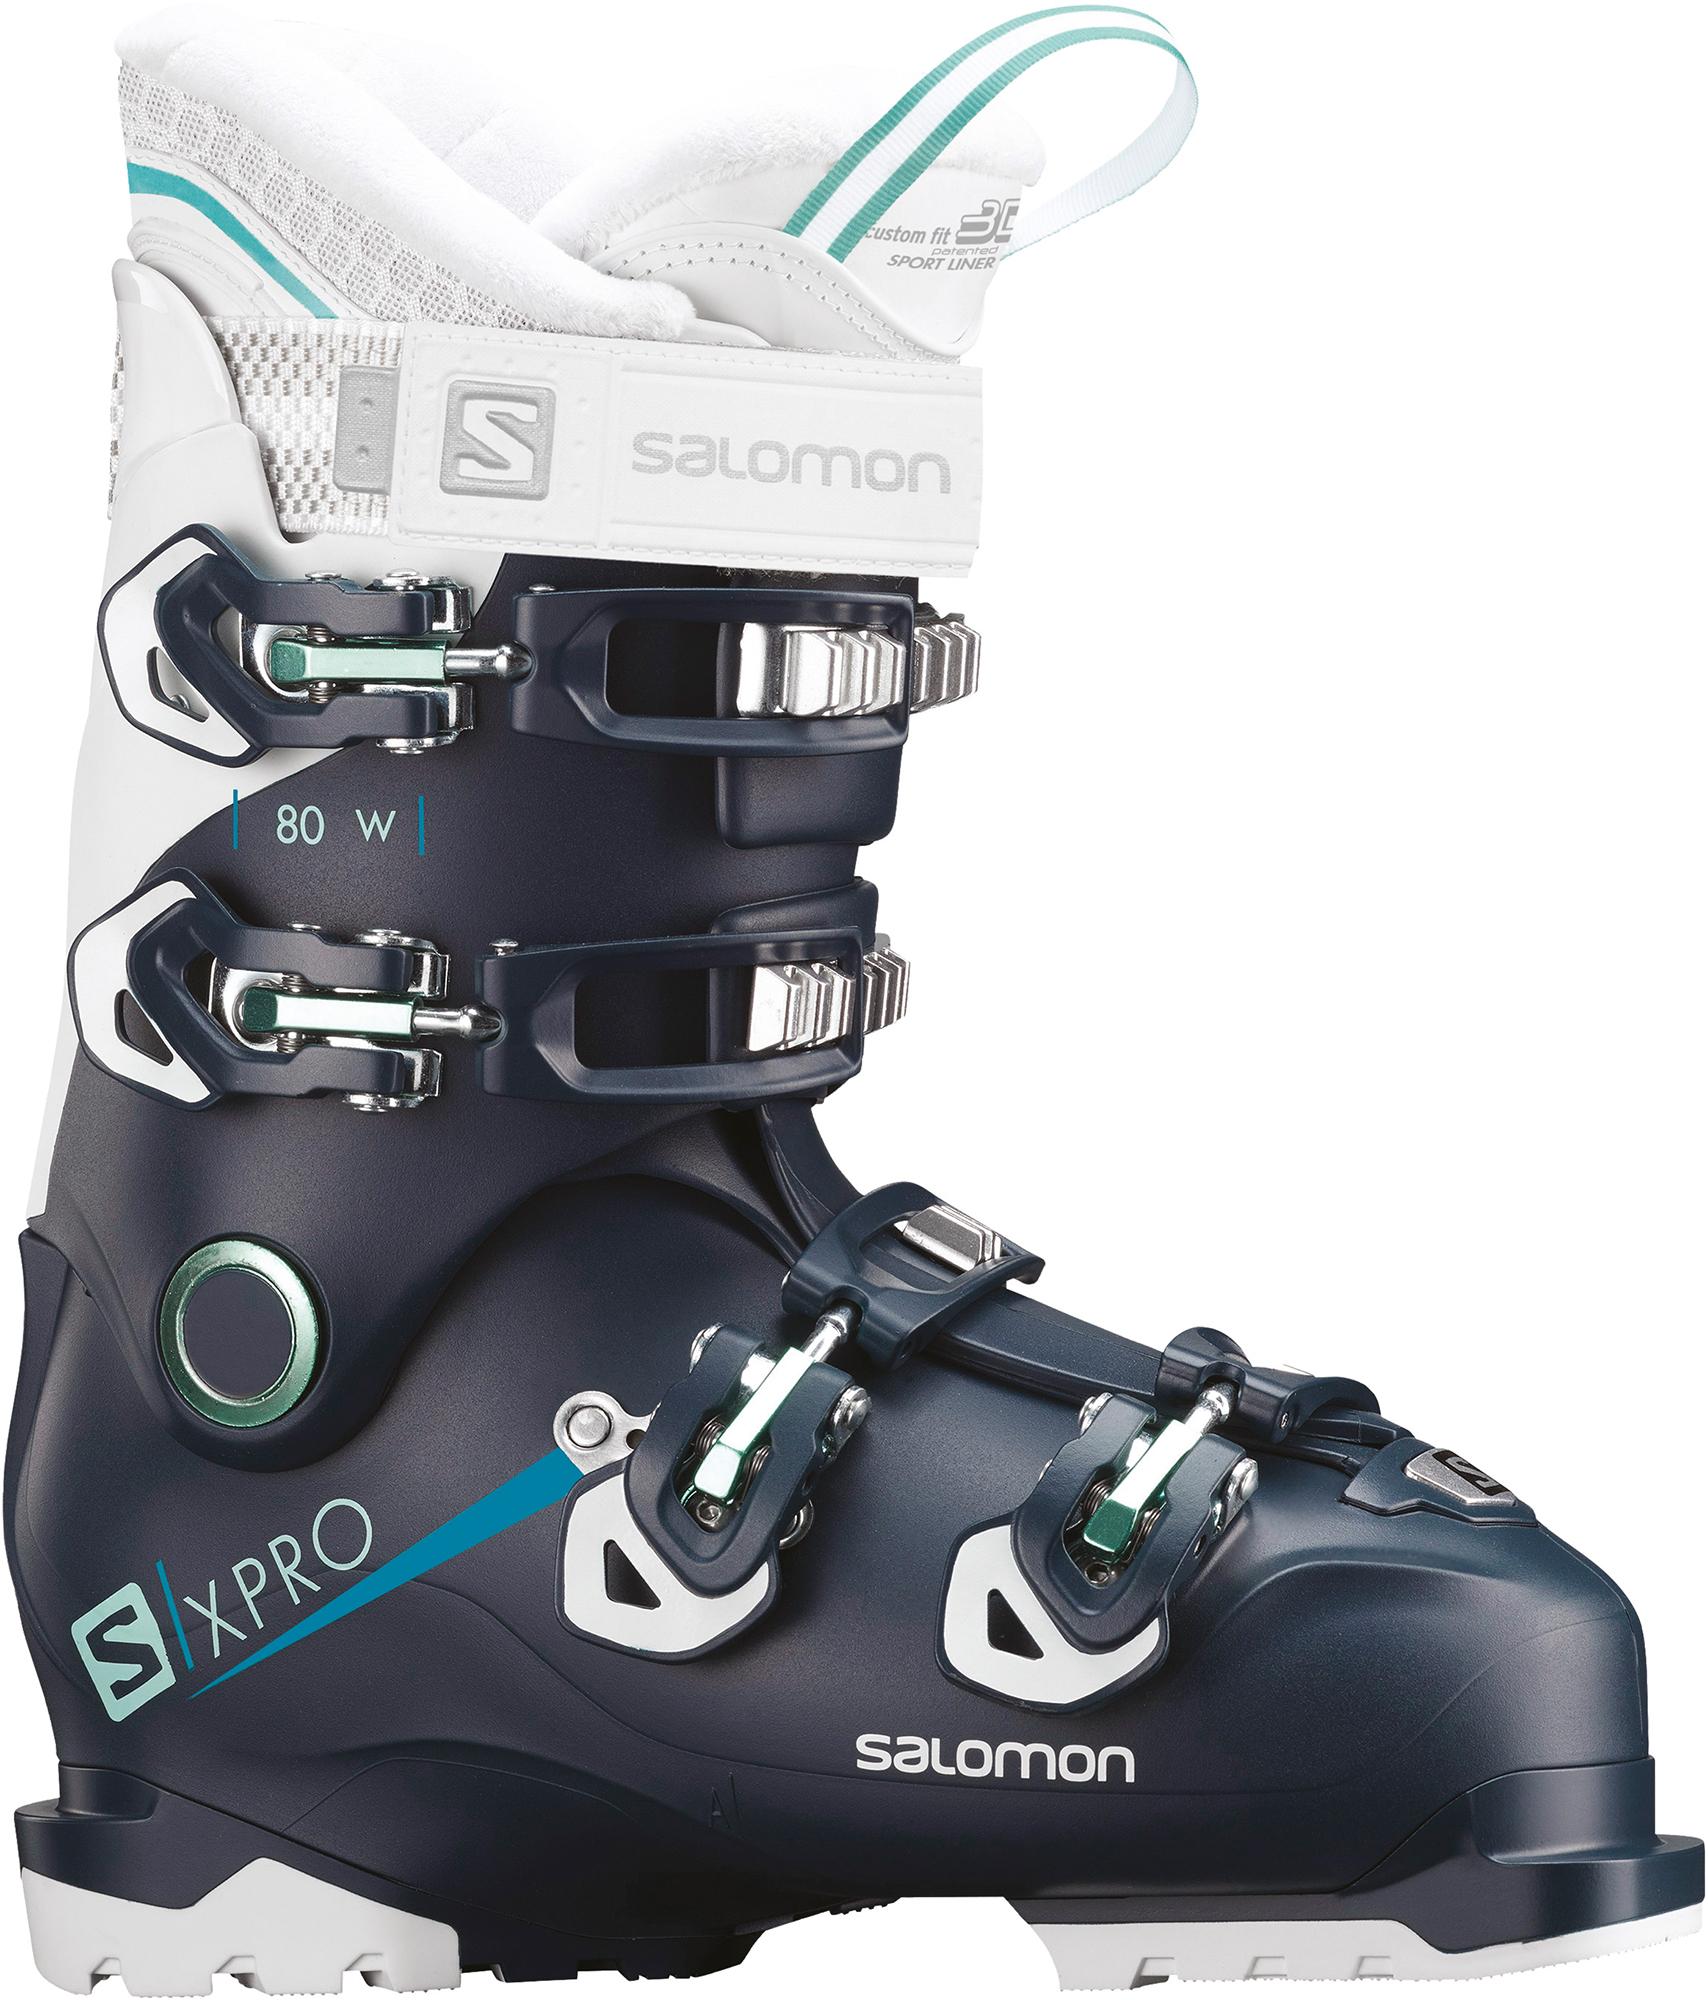 цена Salomon Ботинки горнолыжные женские Salomon X PRO 80, размер 39,5 онлайн в 2017 году